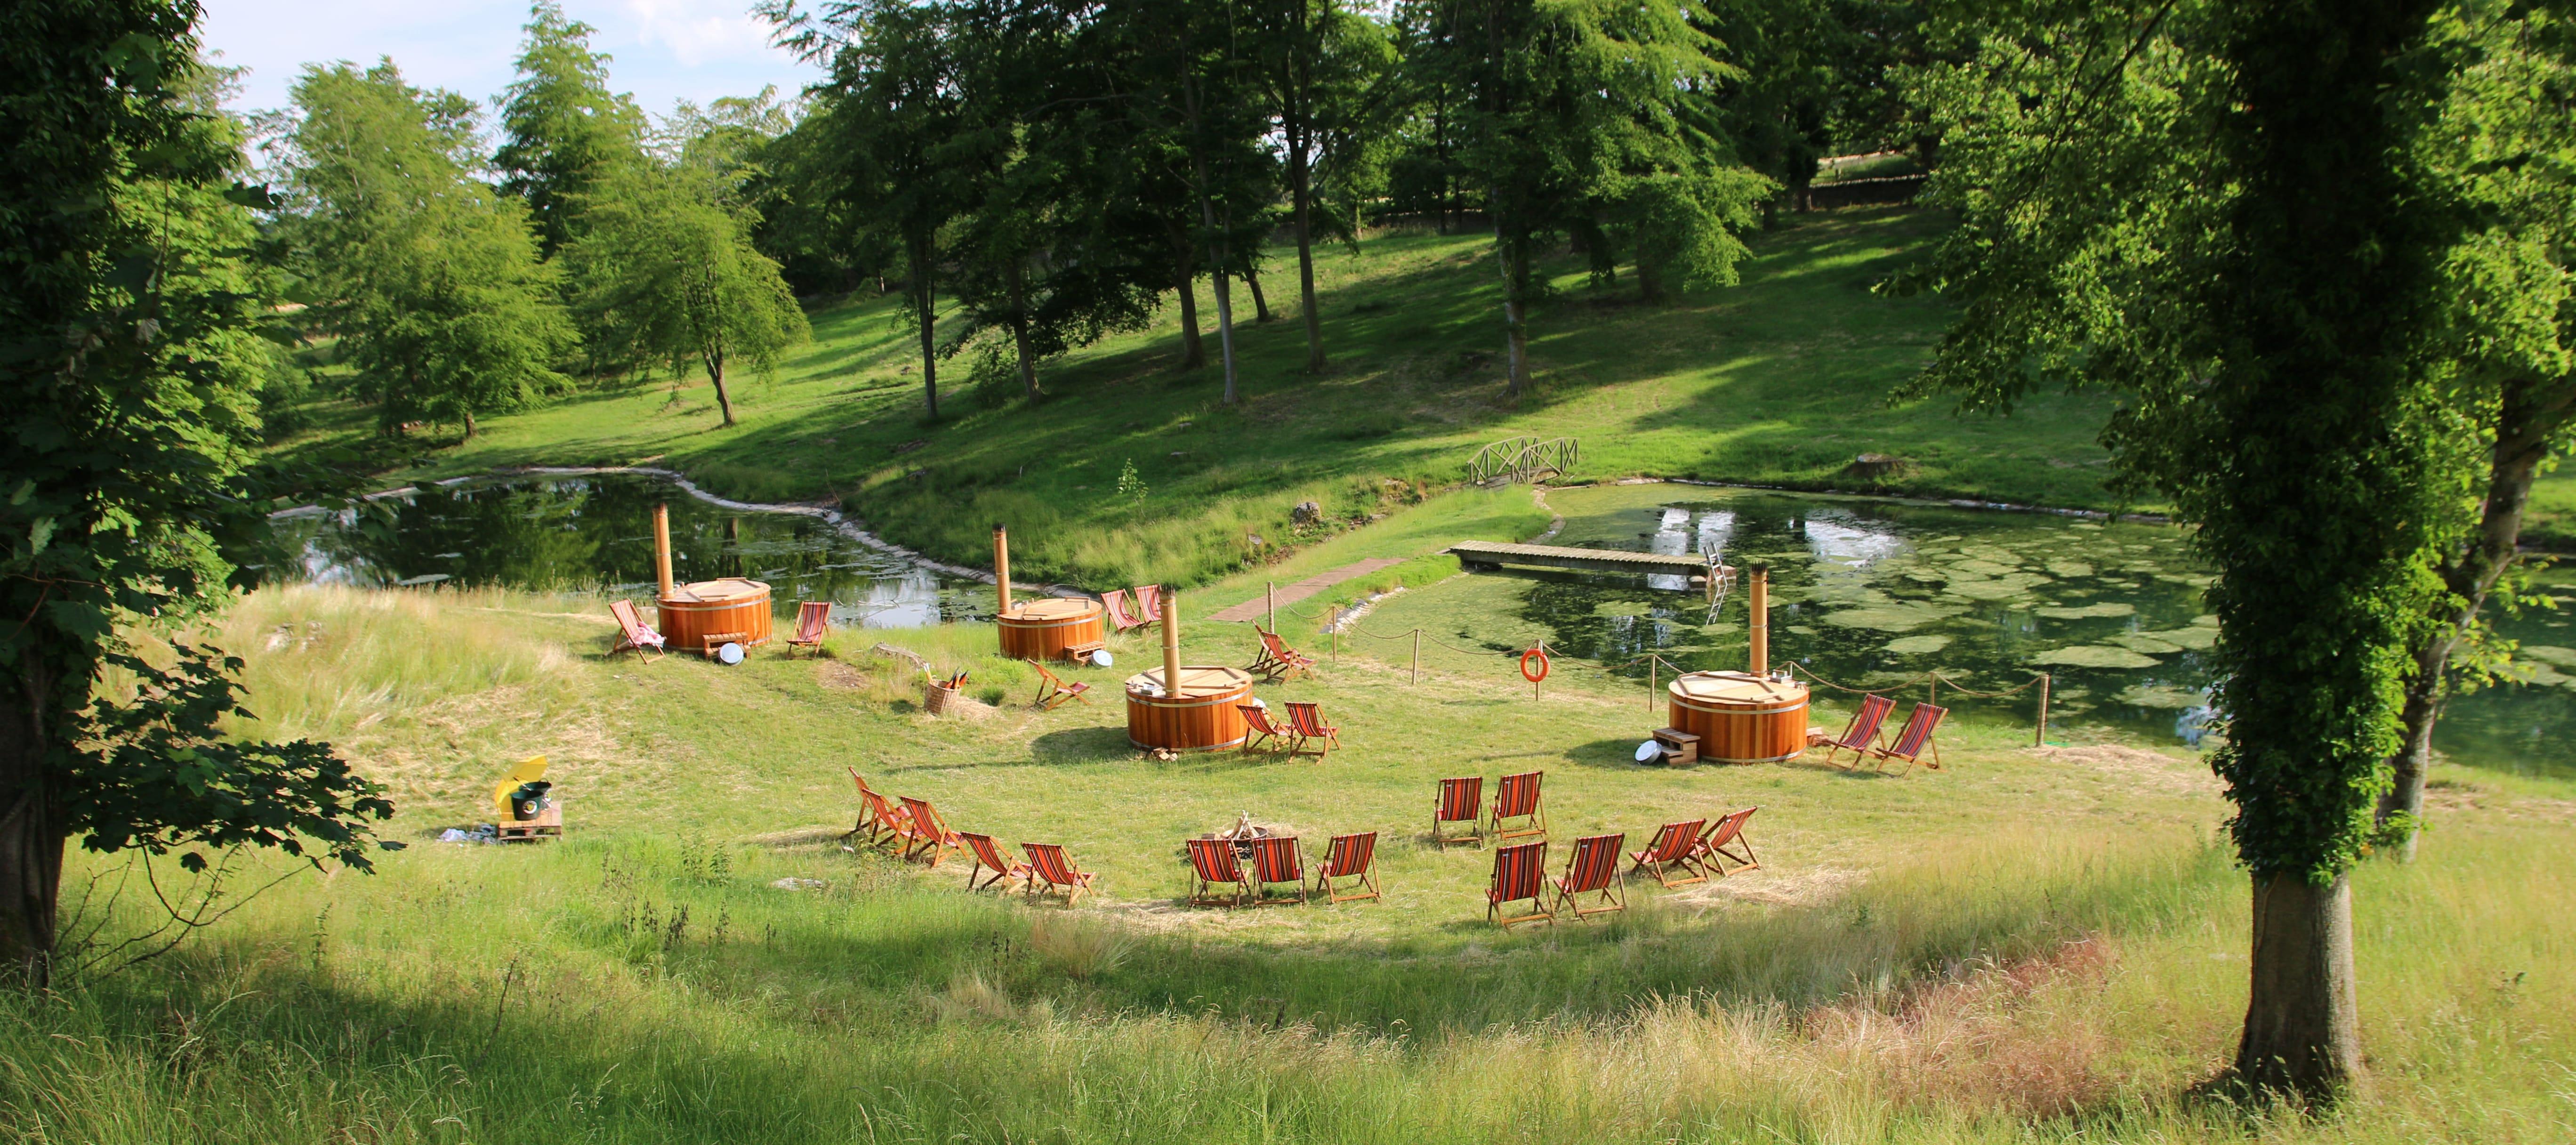 cornwell hot tub deck chairs